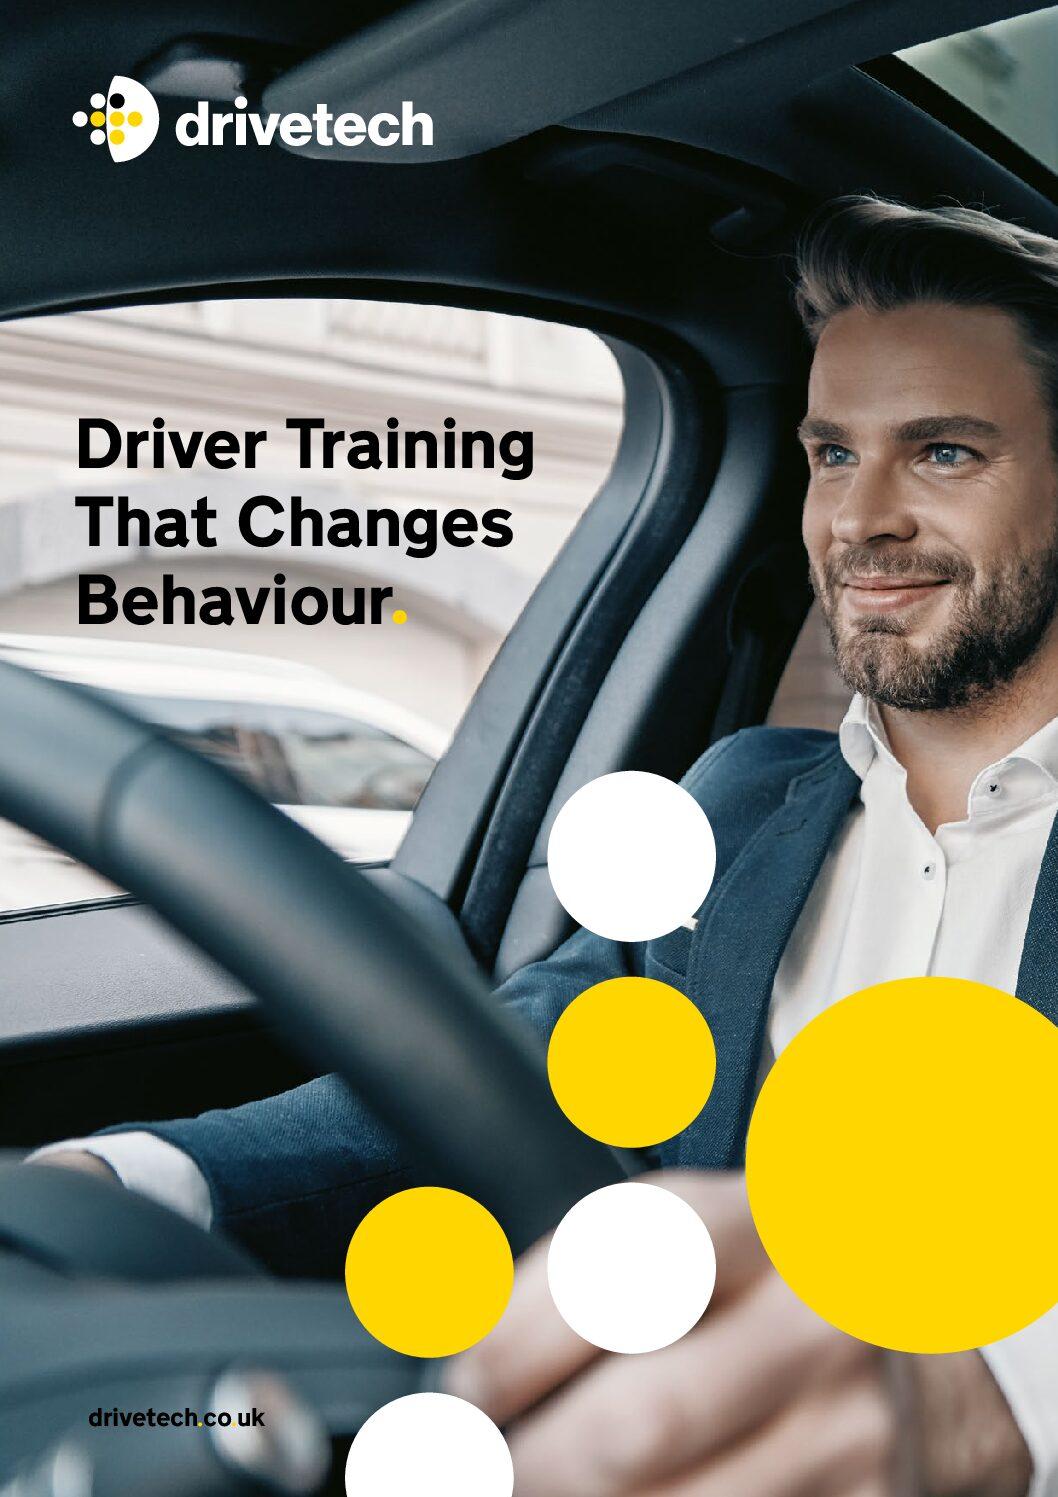 Brochure – Driver Training That Changes Behaviour